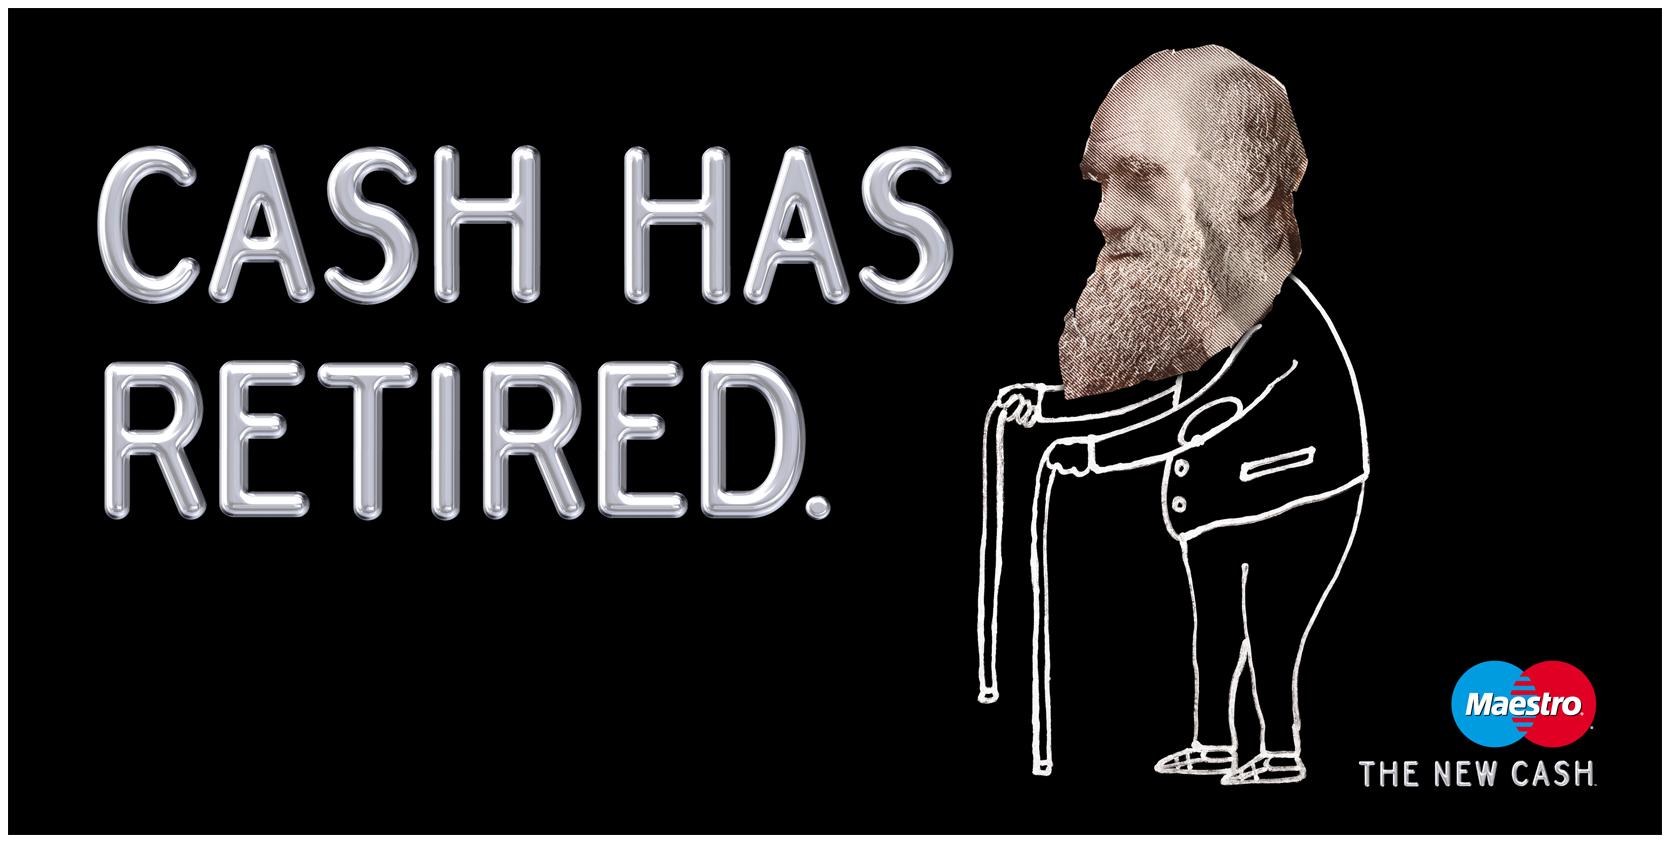 maestro cash has retired 3